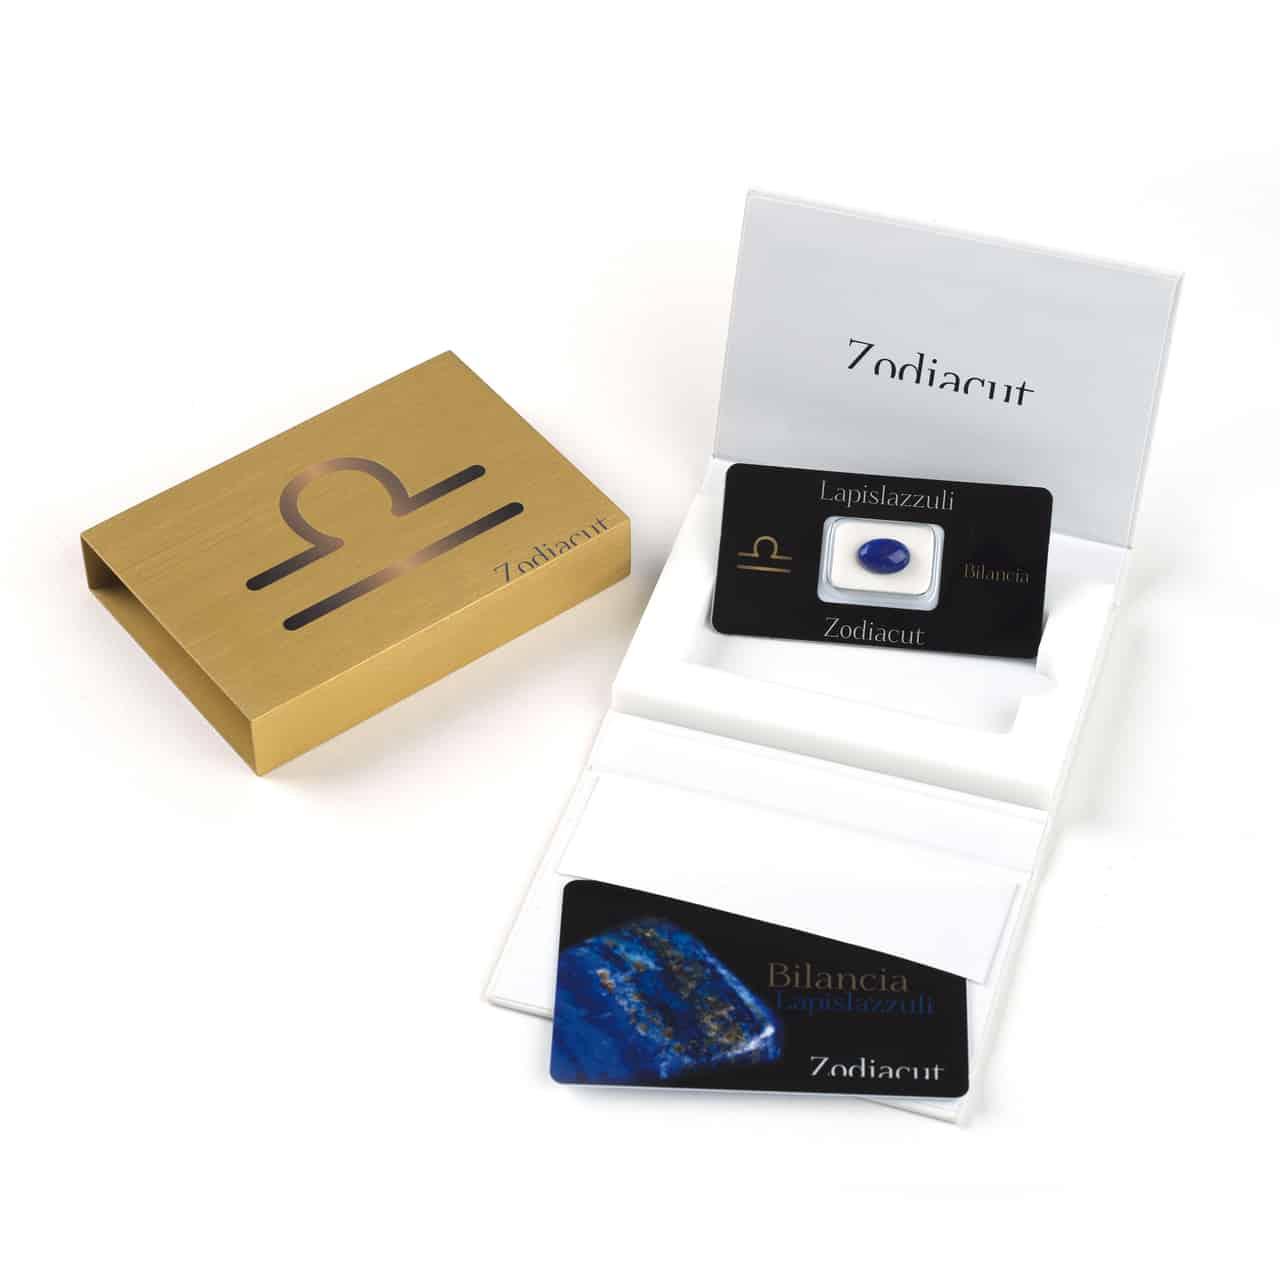 Zodiacut Bilancia - Foto prodotto